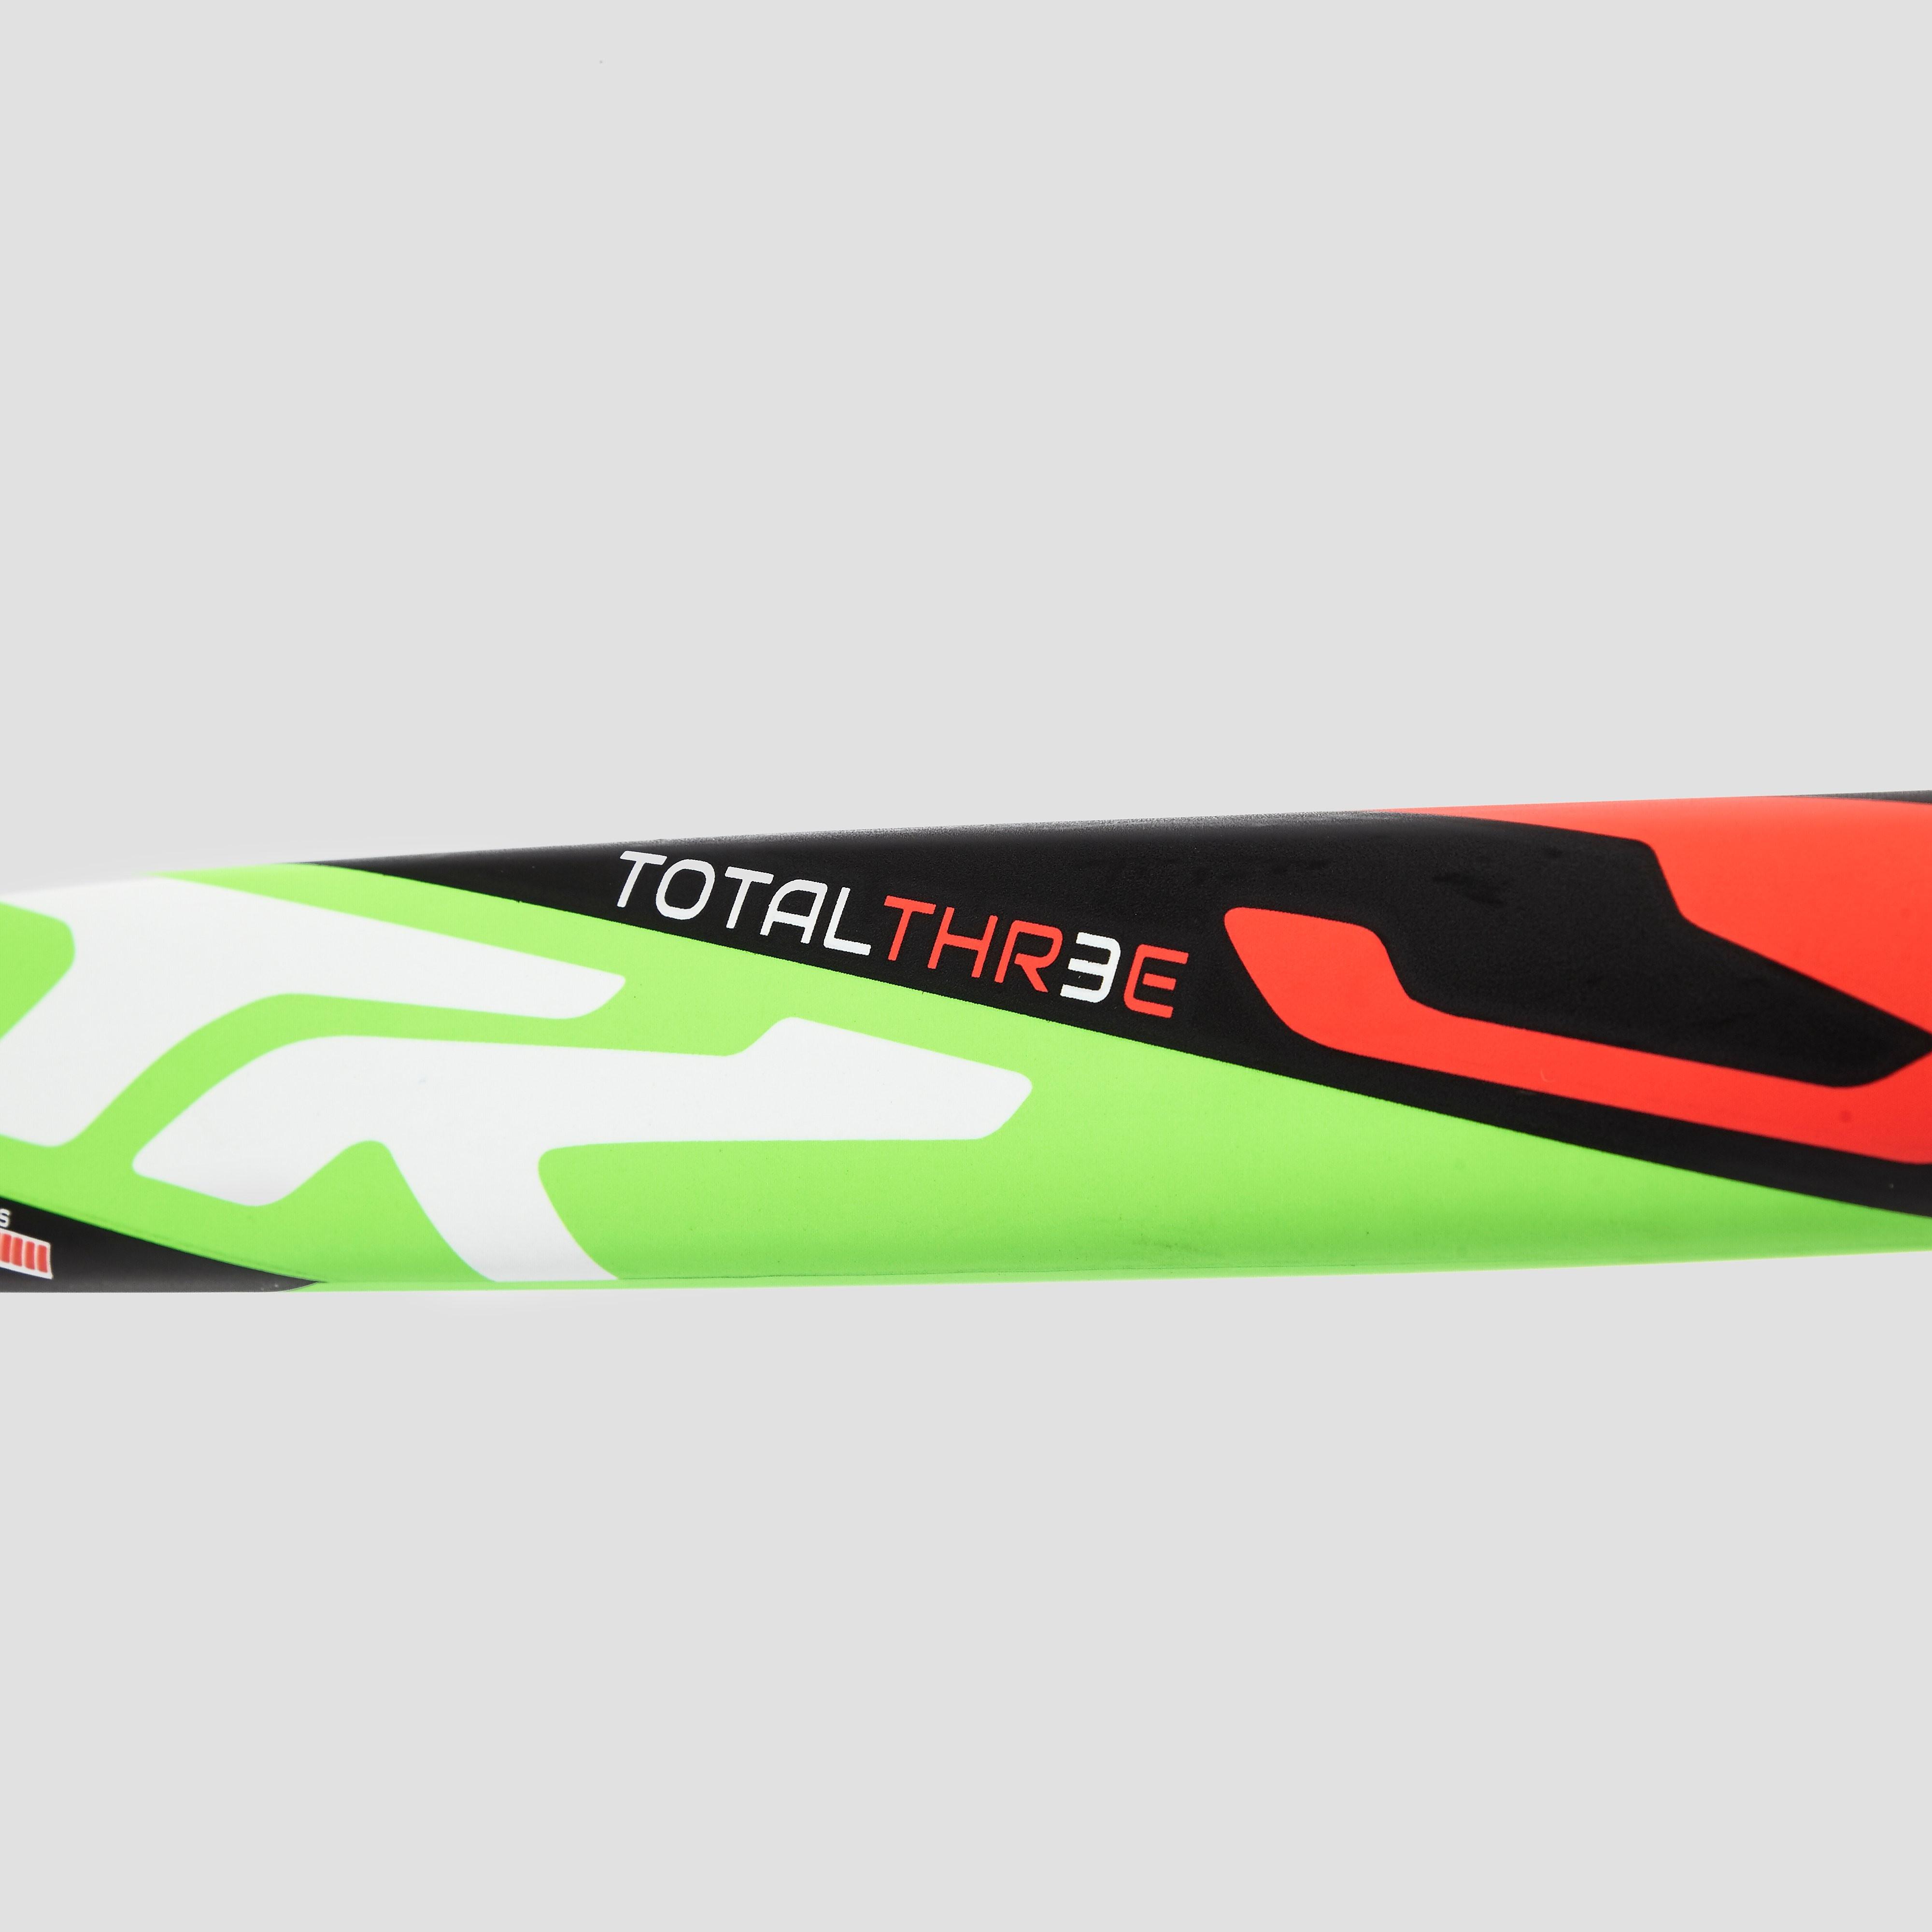 TK Hockey Total Three Scx 3.4 Innovate Hockey Stick